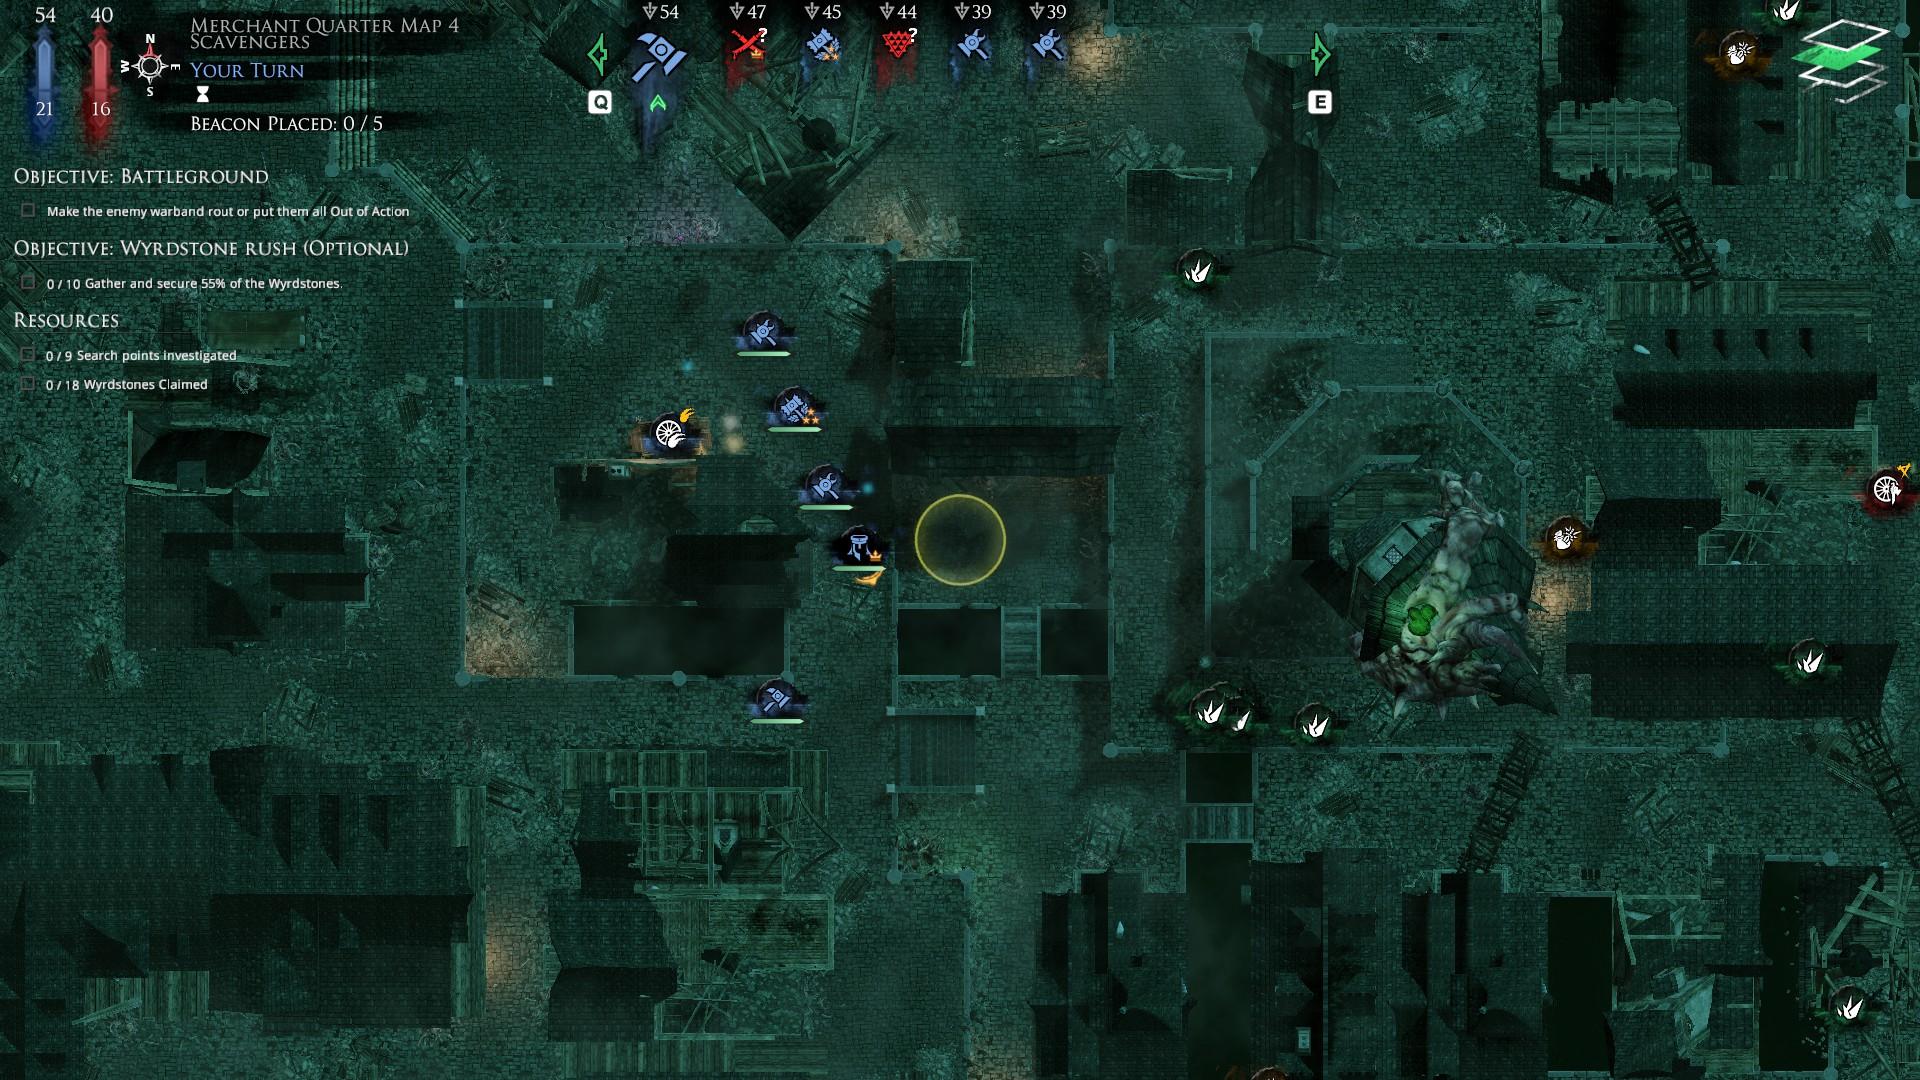 04 - Jot nismo vidjeli neprijatelja, stoga na mapi nema istih